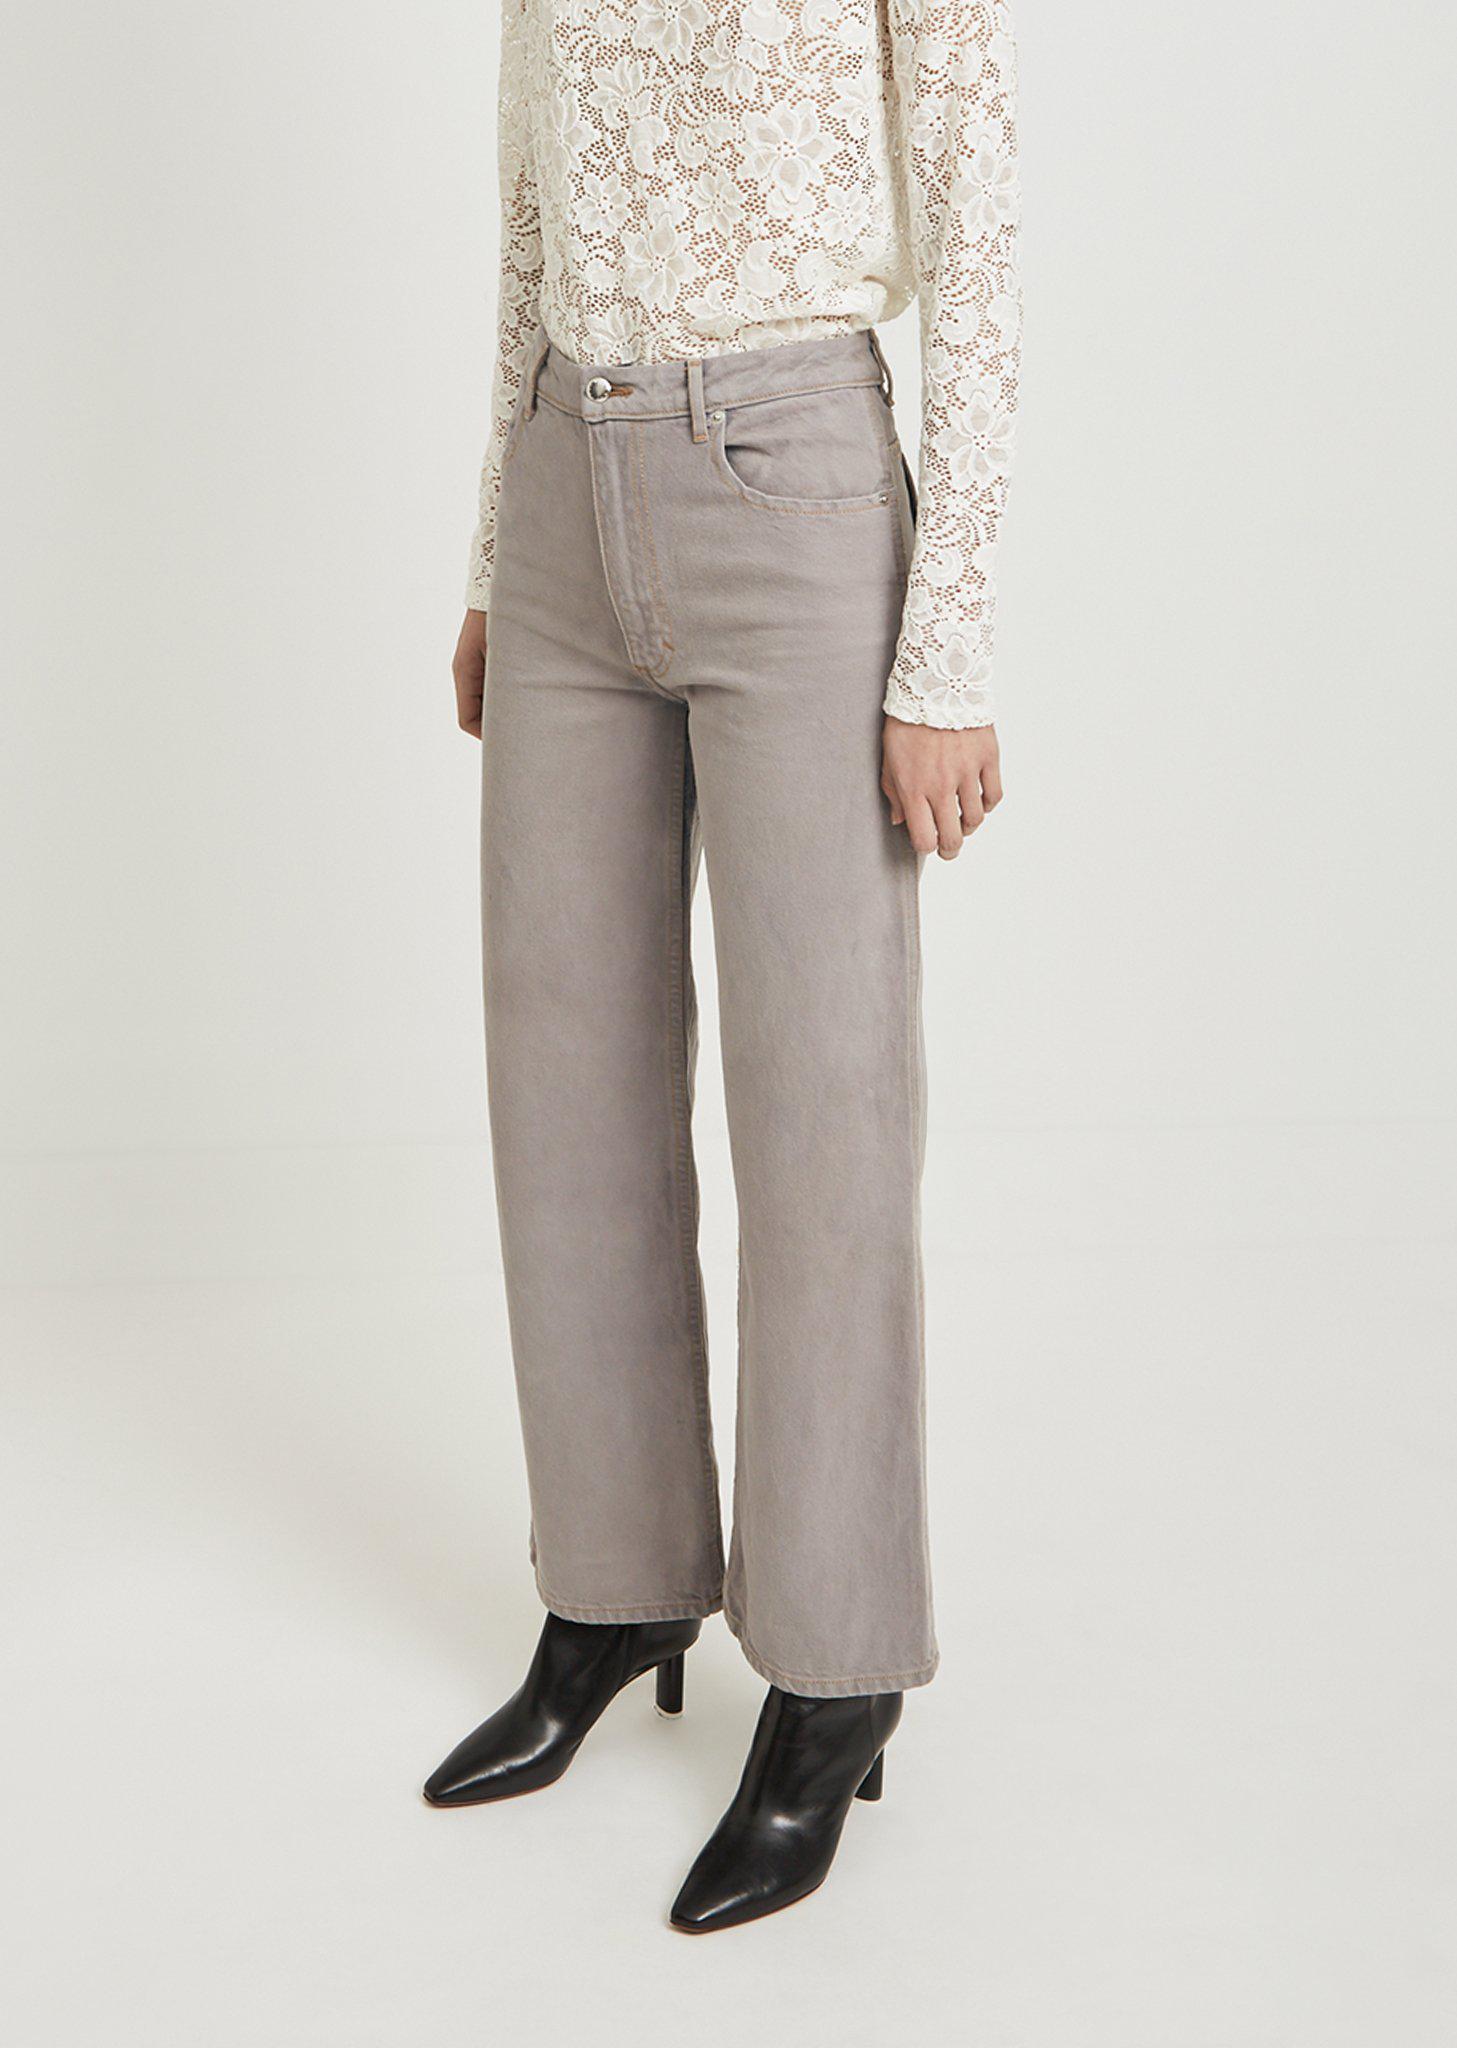 Eckhaus Latta Denim Wide Leg El Jeans